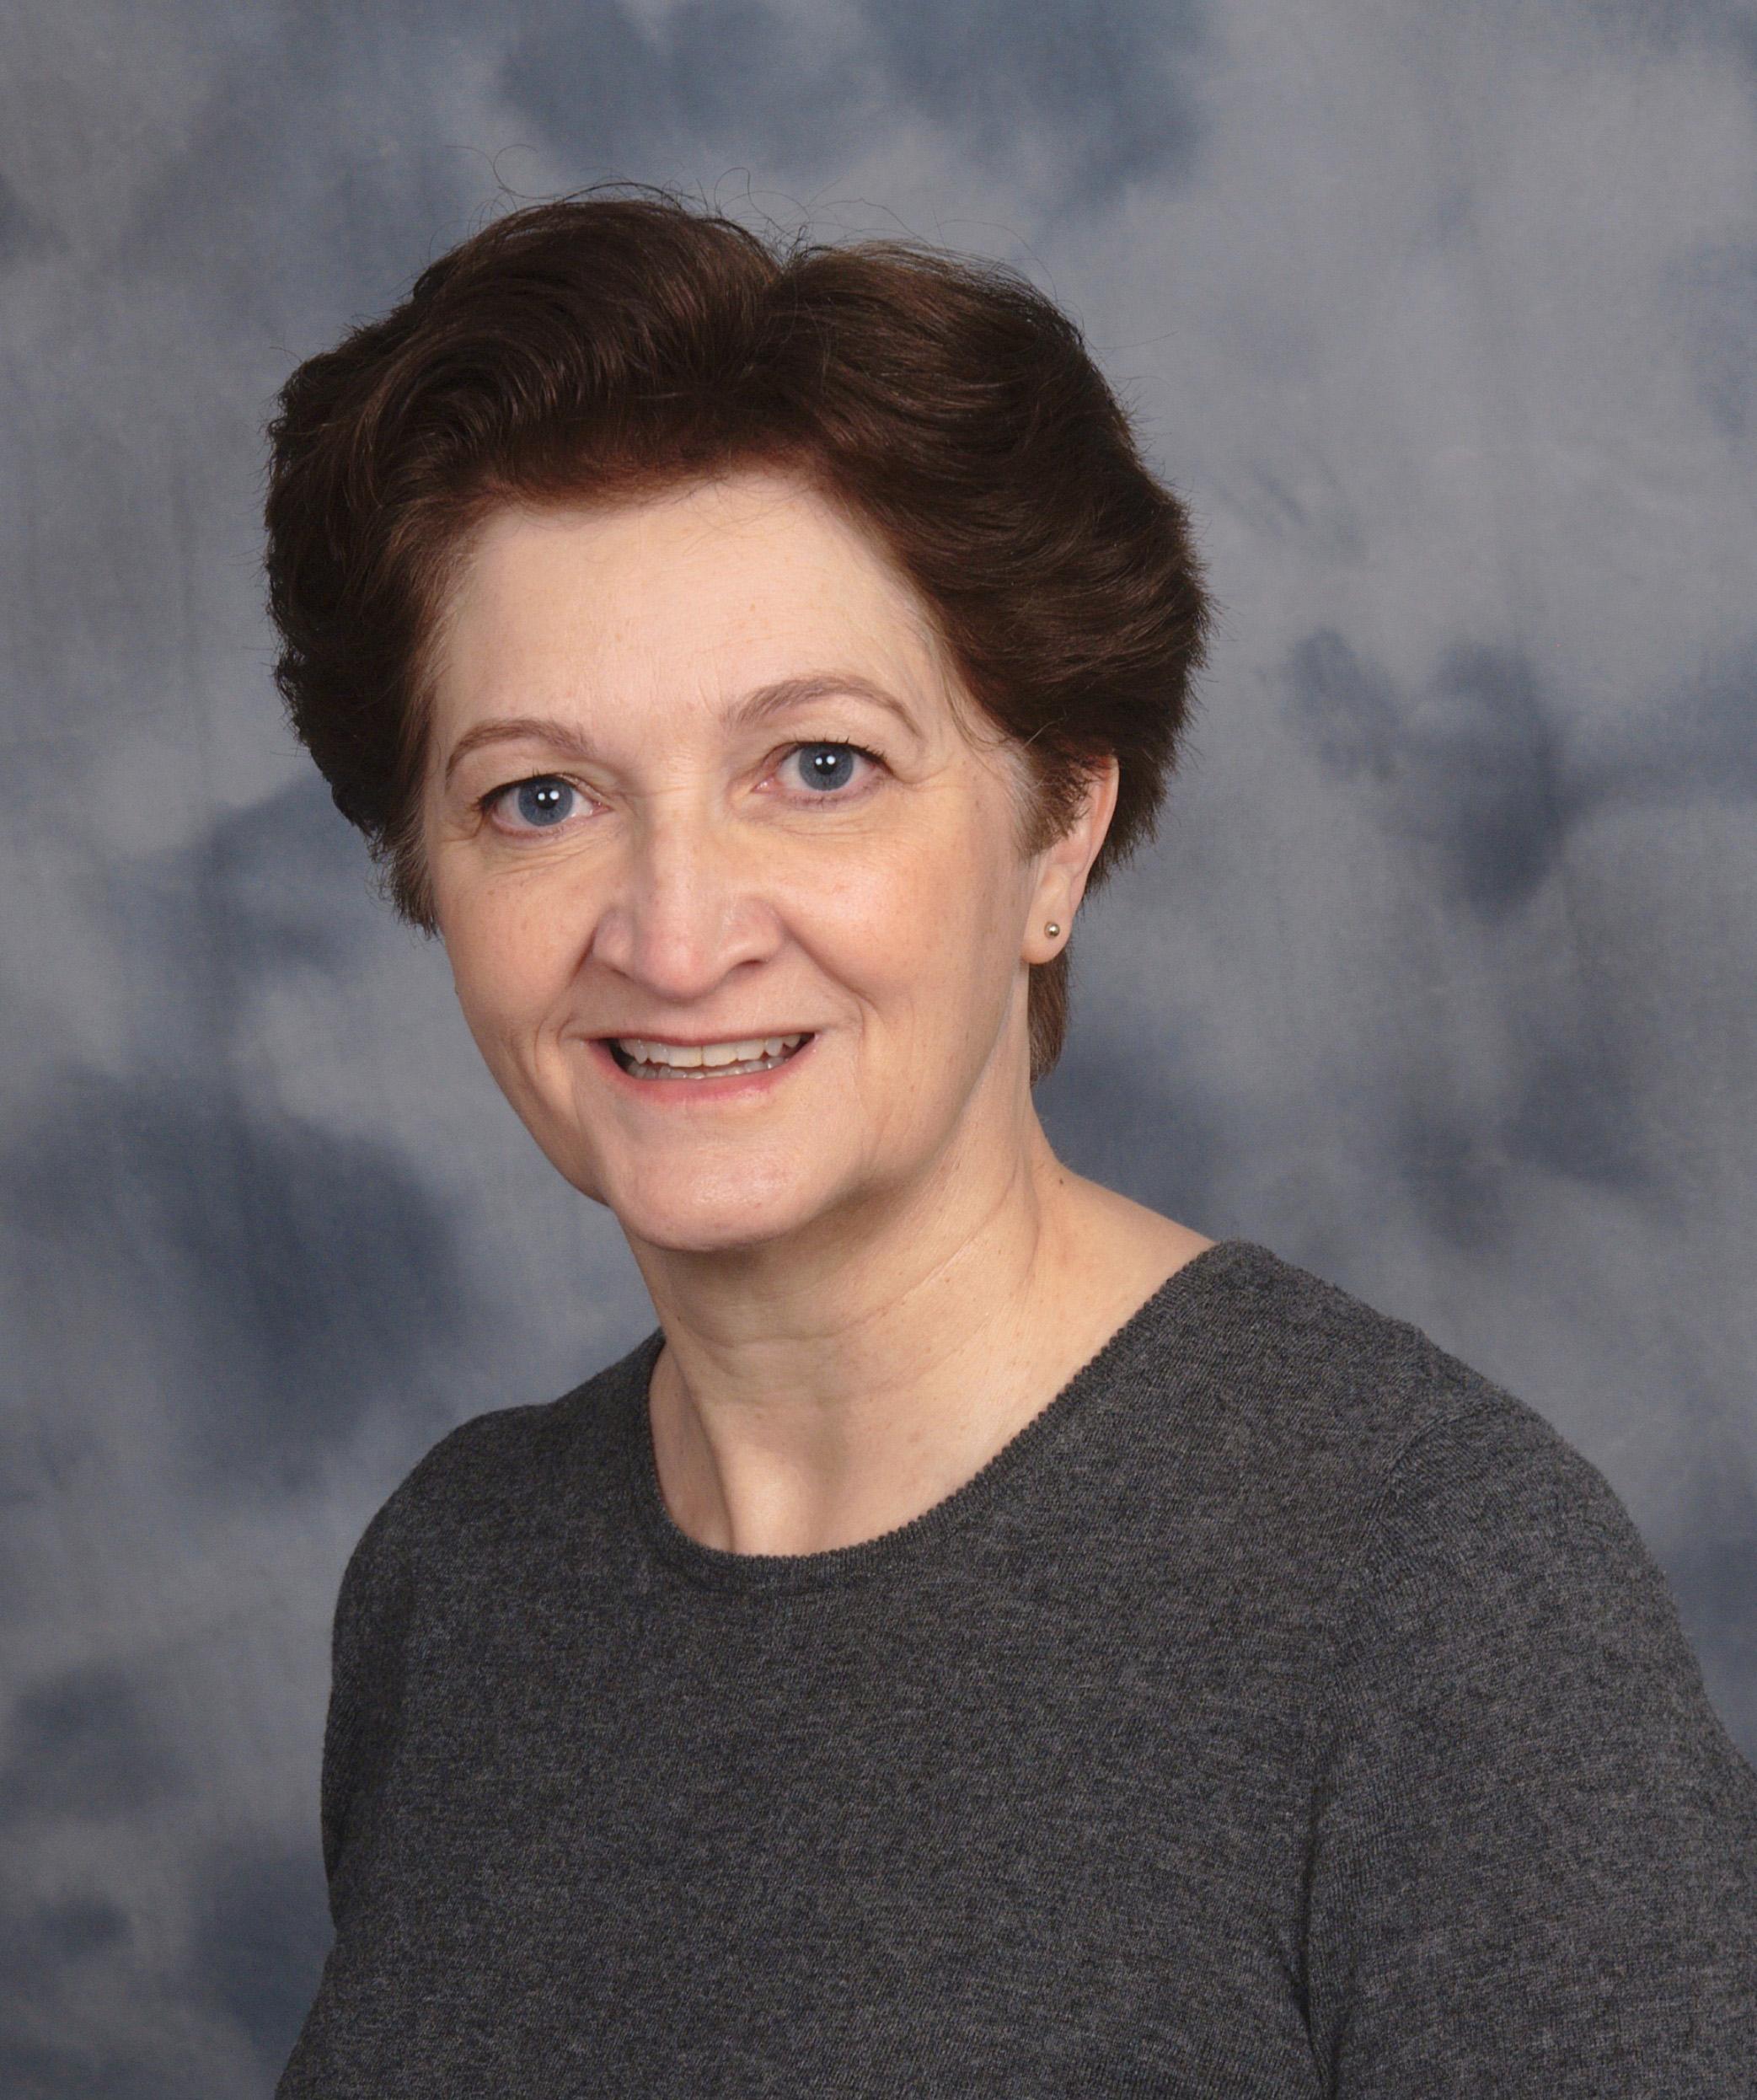 Linda Burns